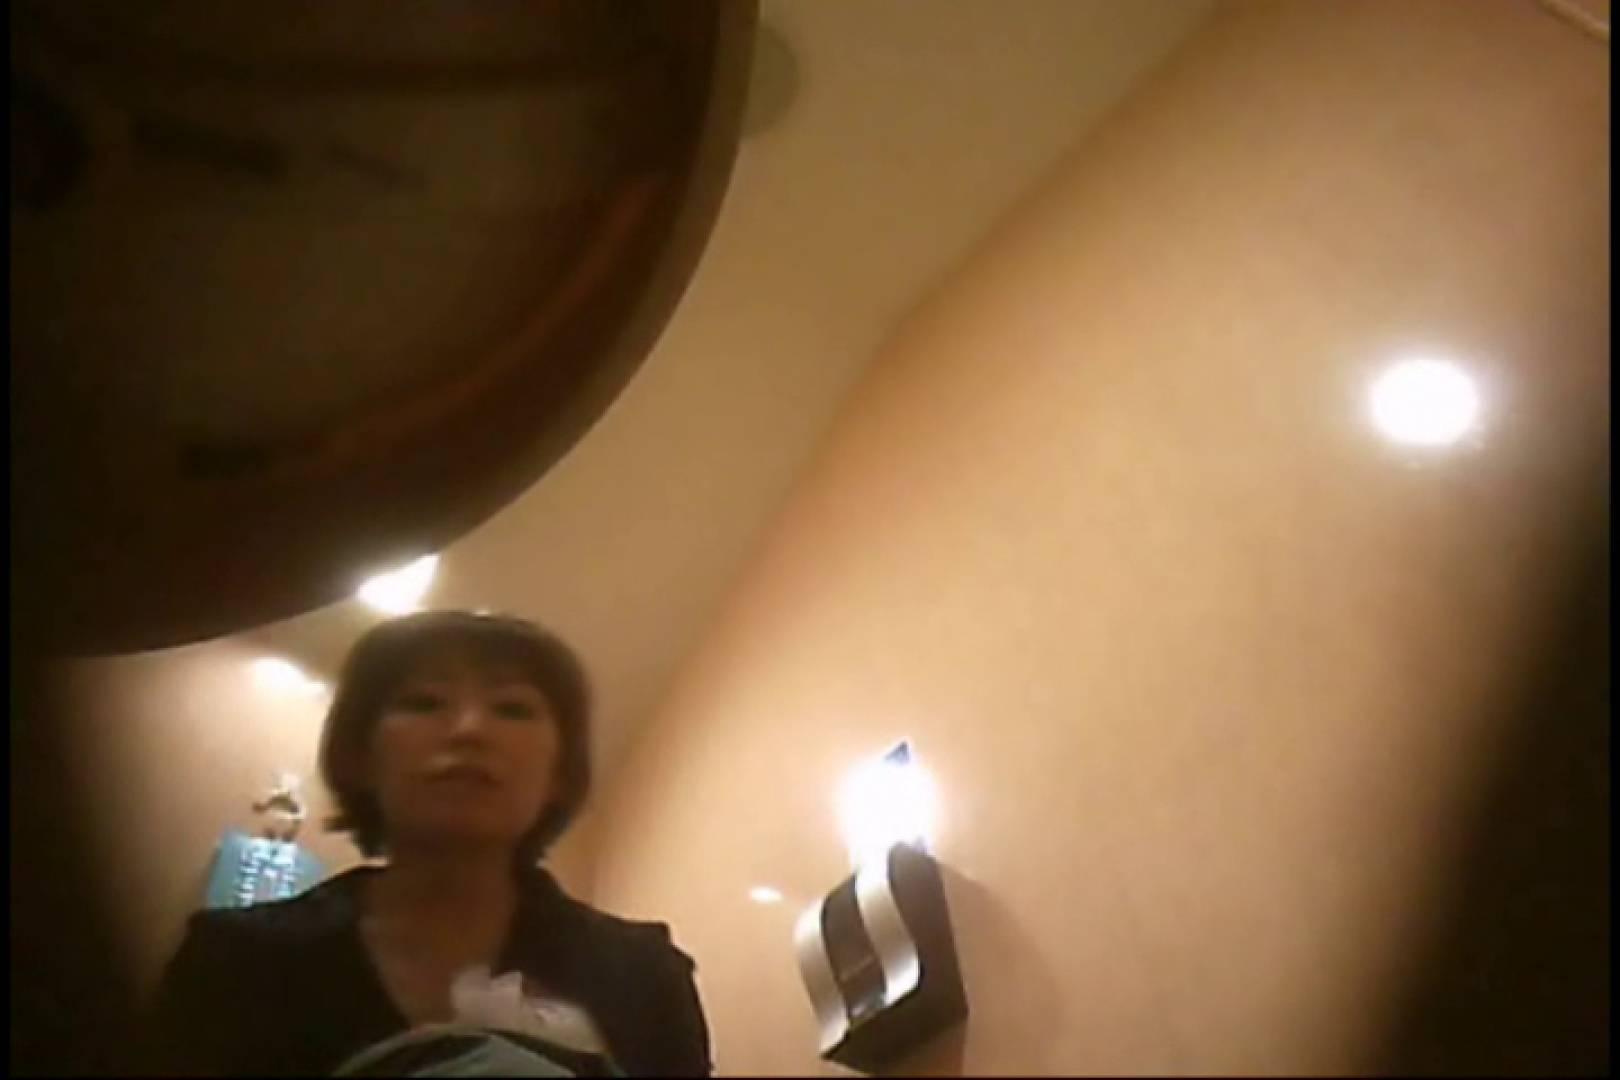 潜入!!女子化粧室盗撮~絶対見られたくない時間~vo,130 熟女のエロ動画 ヌード画像 100PIX 83